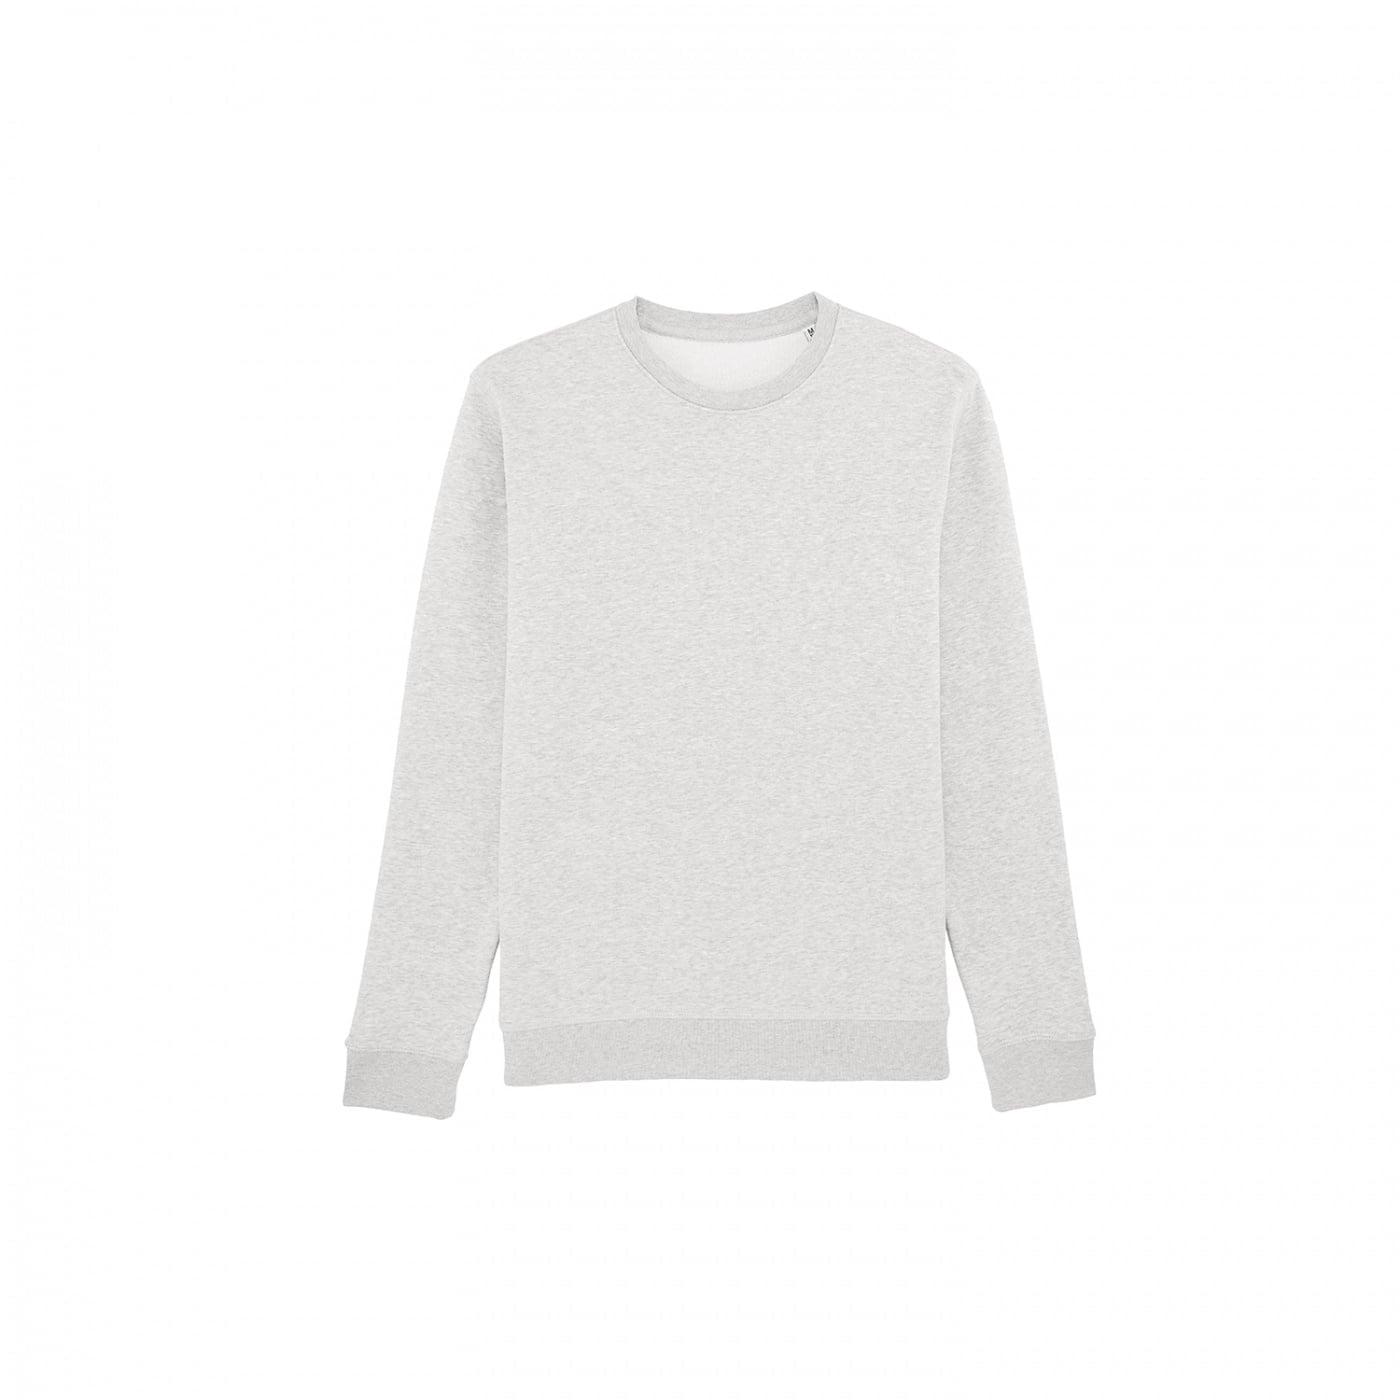 Bluzy - Bluza Crewneck Rise - Stanley/Stella STSU811 - Cream Heather Grey - RAVEN - koszulki reklamowe z nadrukiem, odzież reklamowa i gastronomiczna